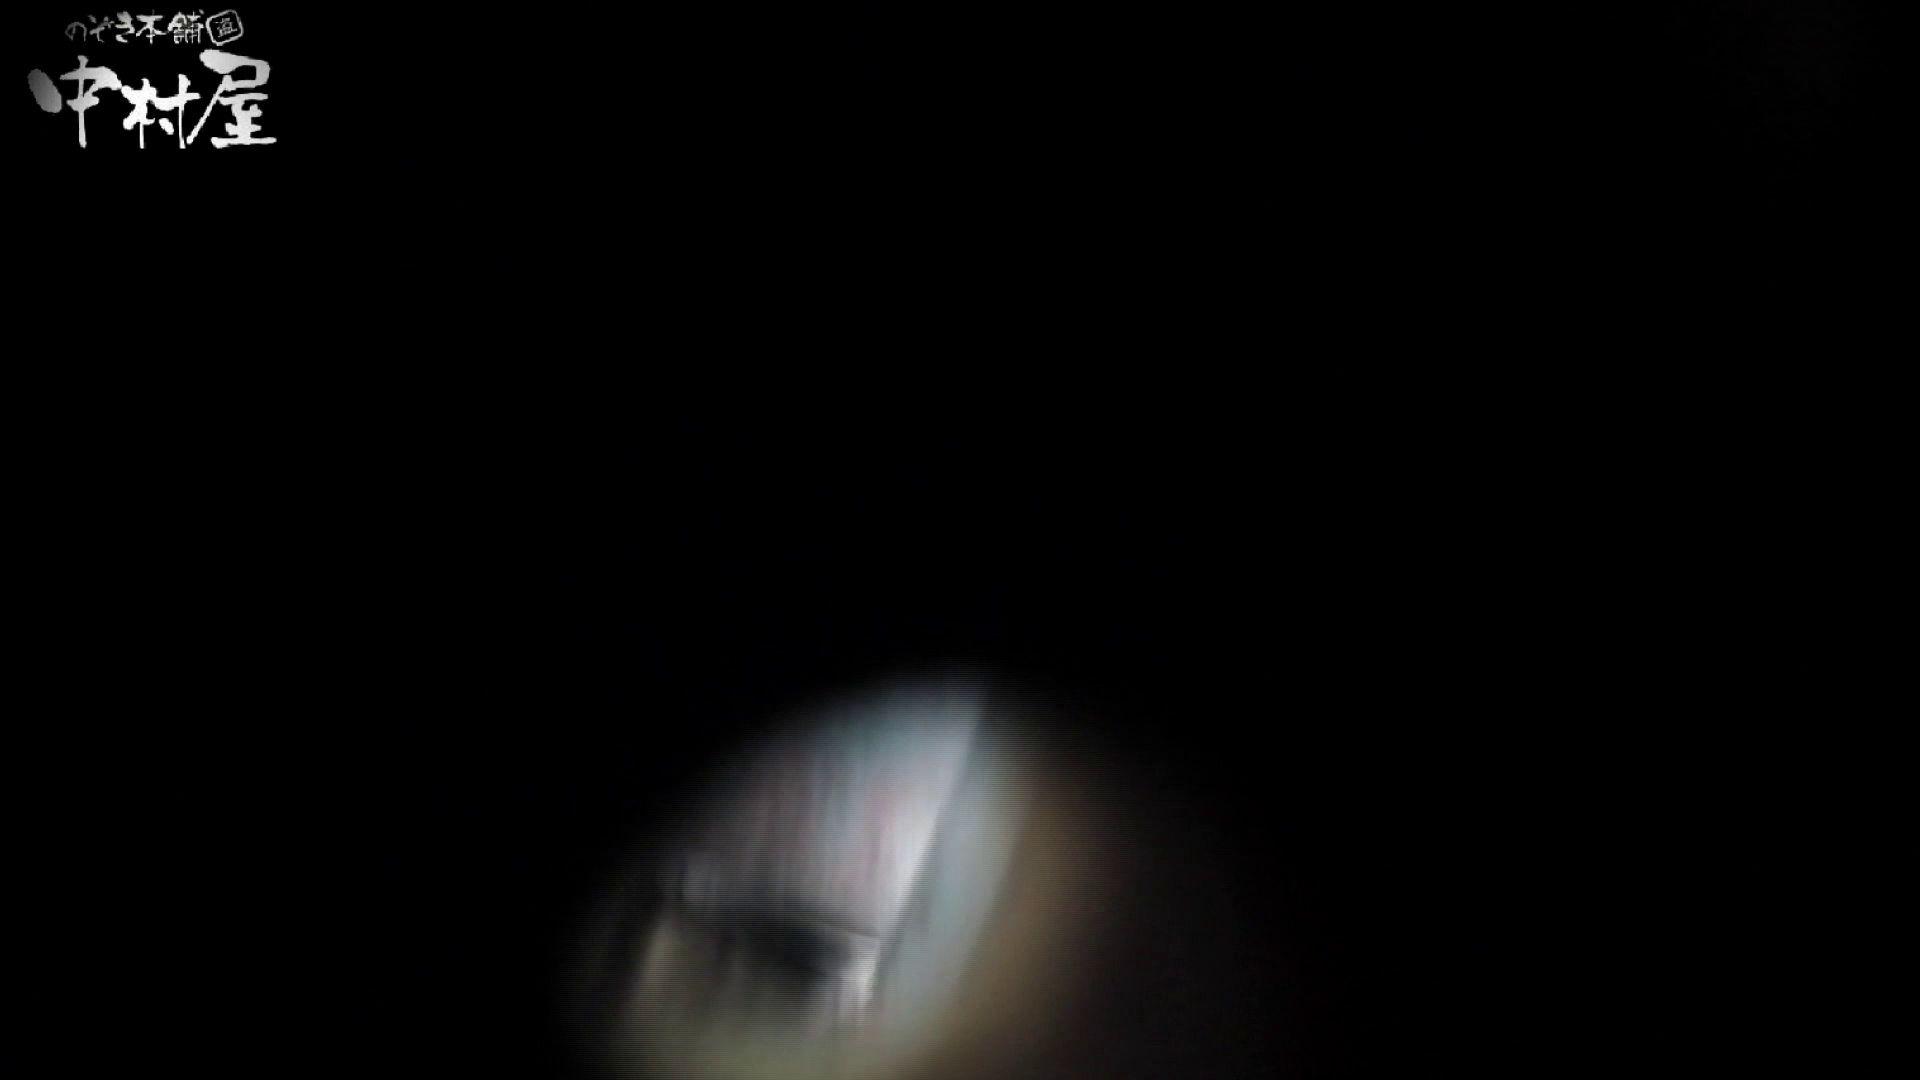 世界の射窓から~ステーション編~vol46 美女のアップが盛りだくさん。前編 美女すけべ画像 | OLすけべ画像  44連発 17